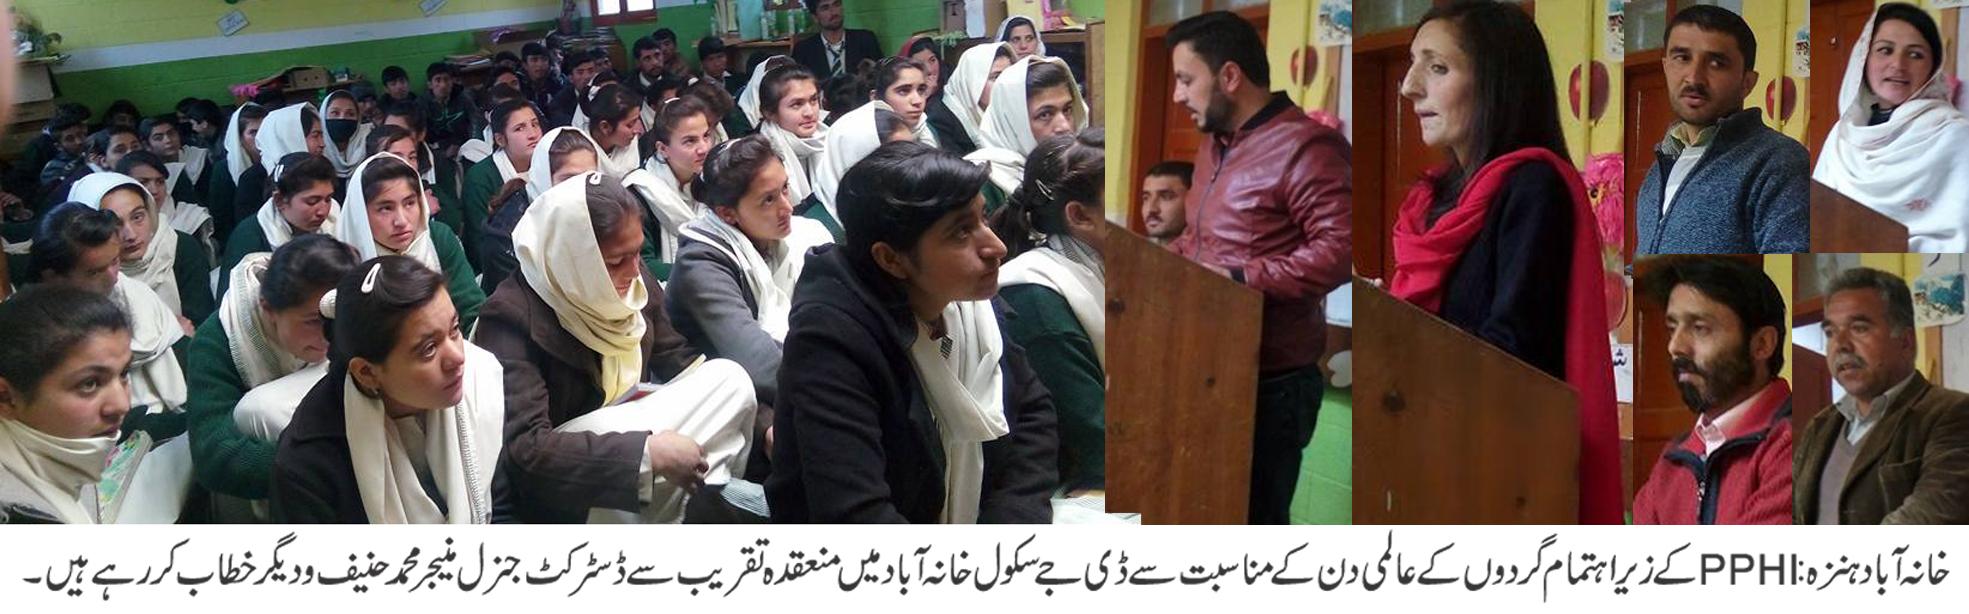 خانہ آباد ہنزہ میں گردے کی بیماریوں کے بارے میں معلومات فراہم کرنے کا سیشن منعقد